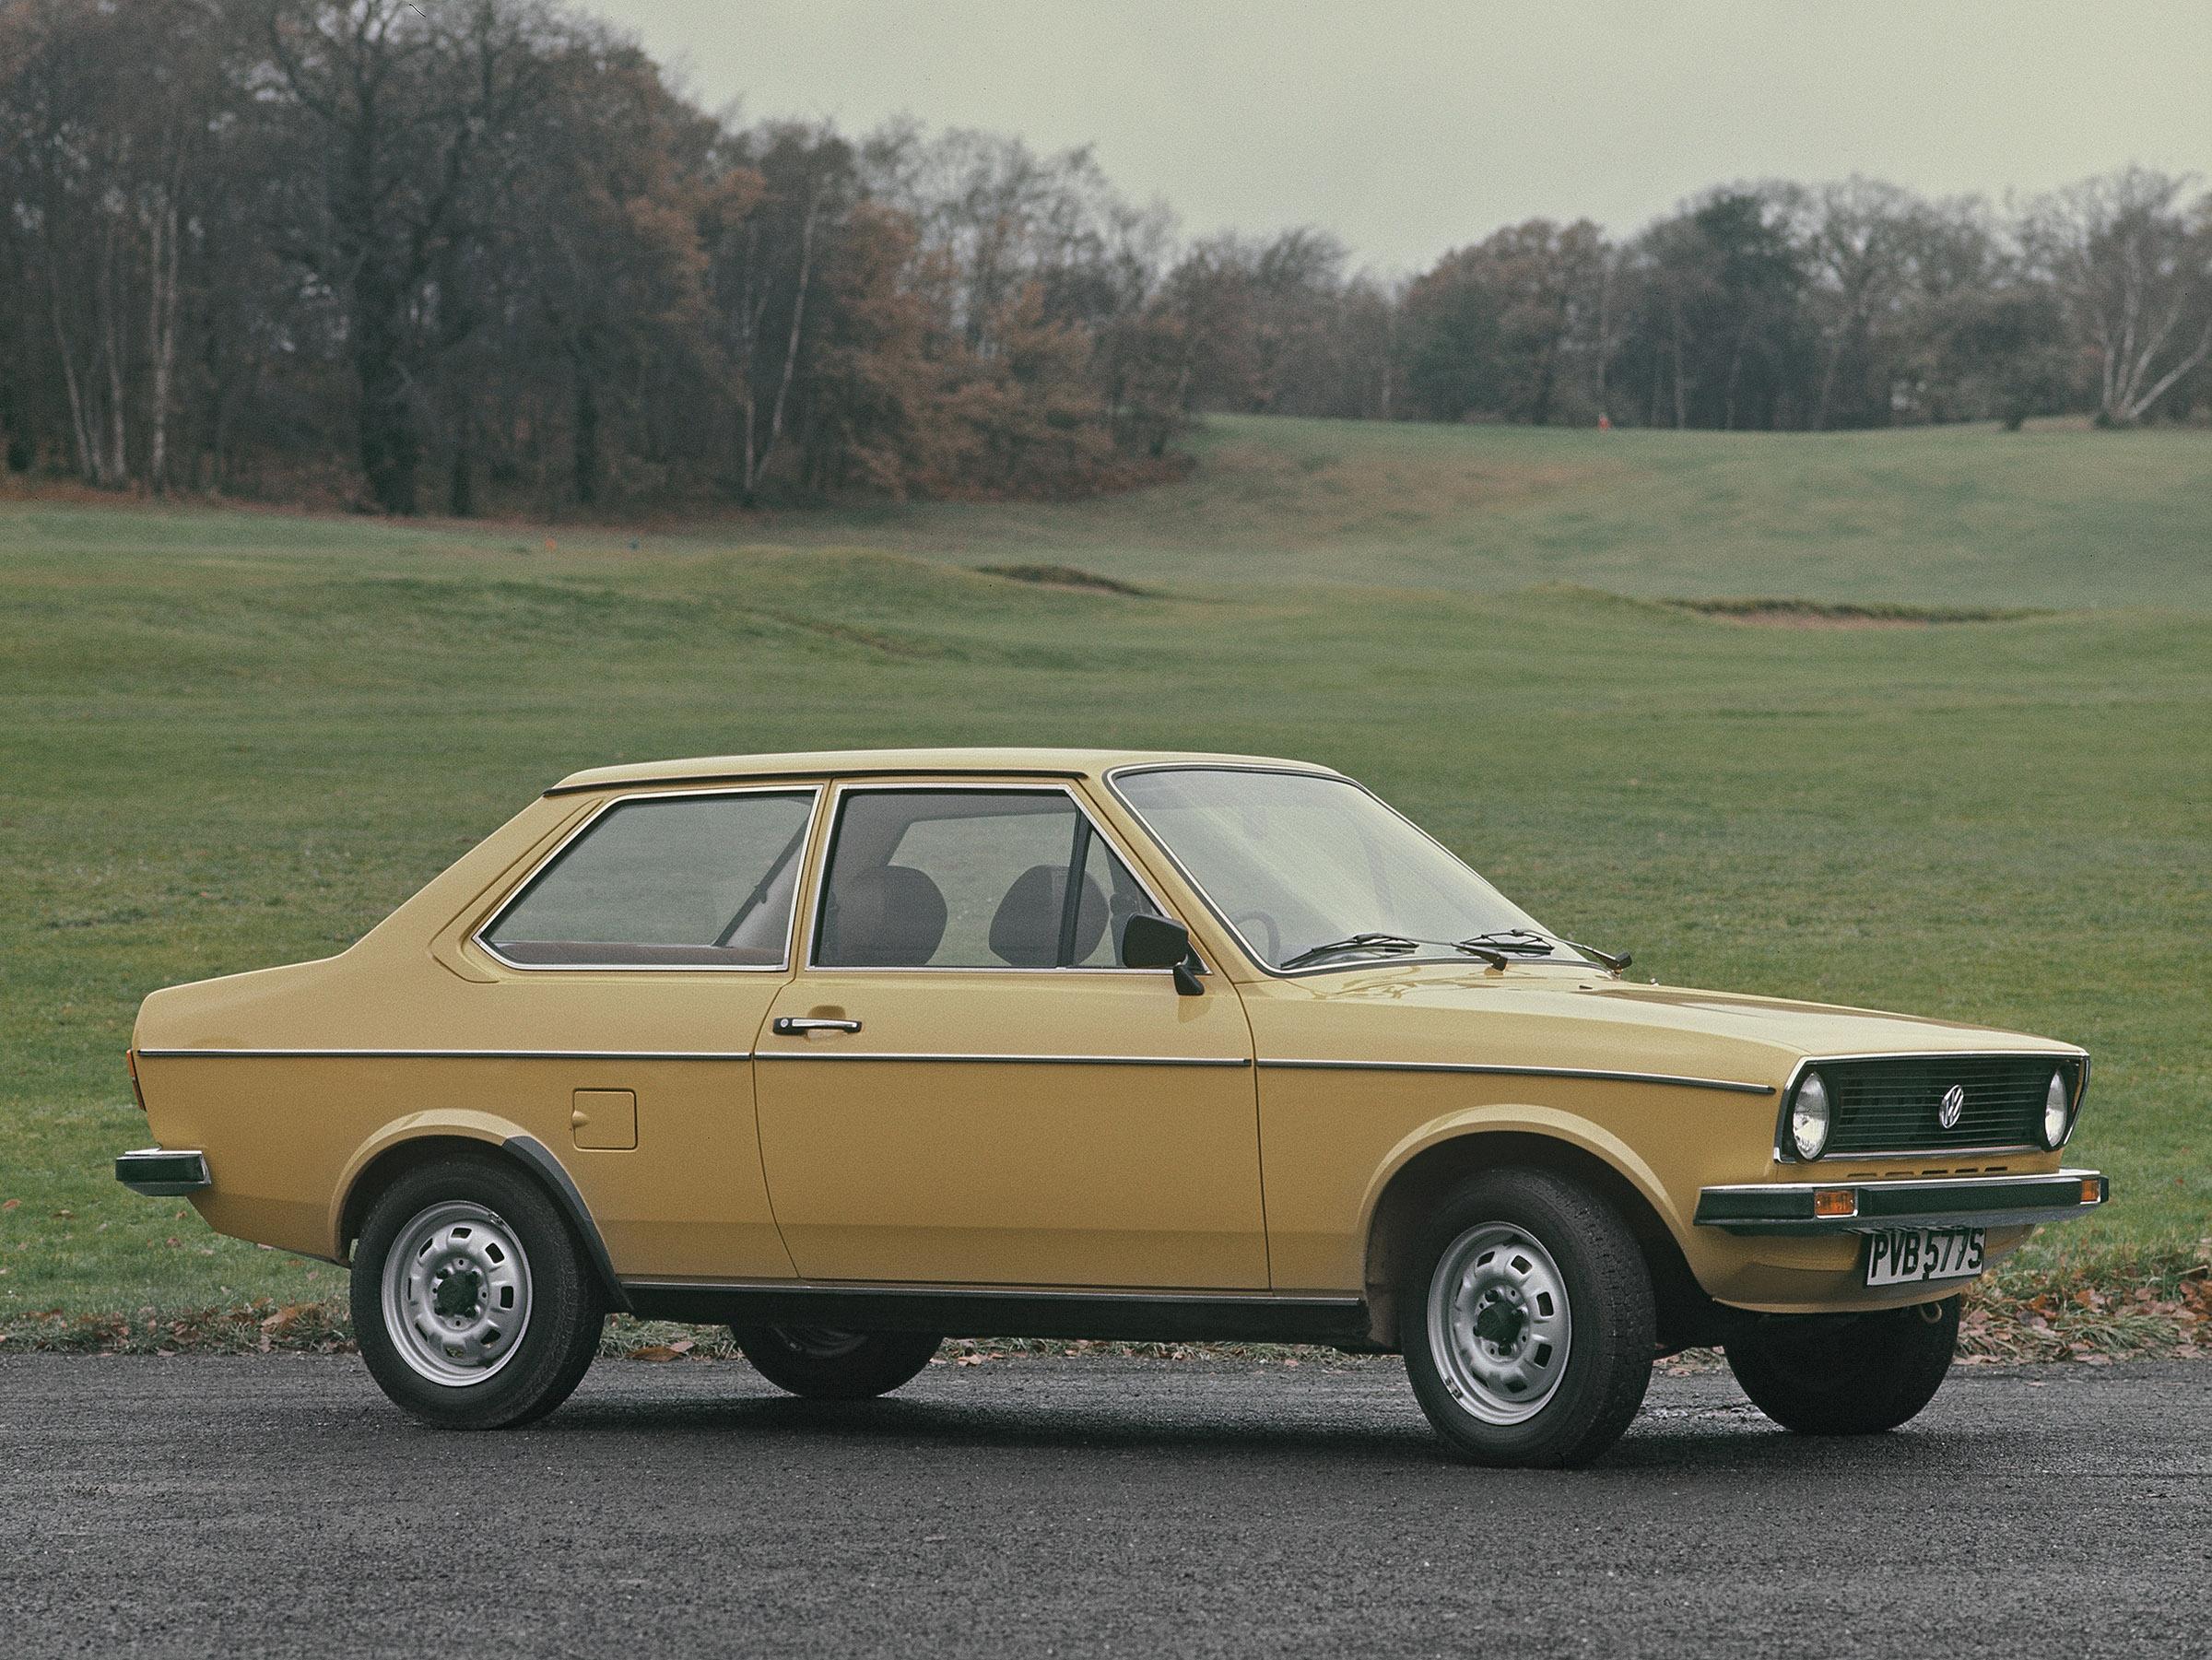 1978 Volkswagen Derby